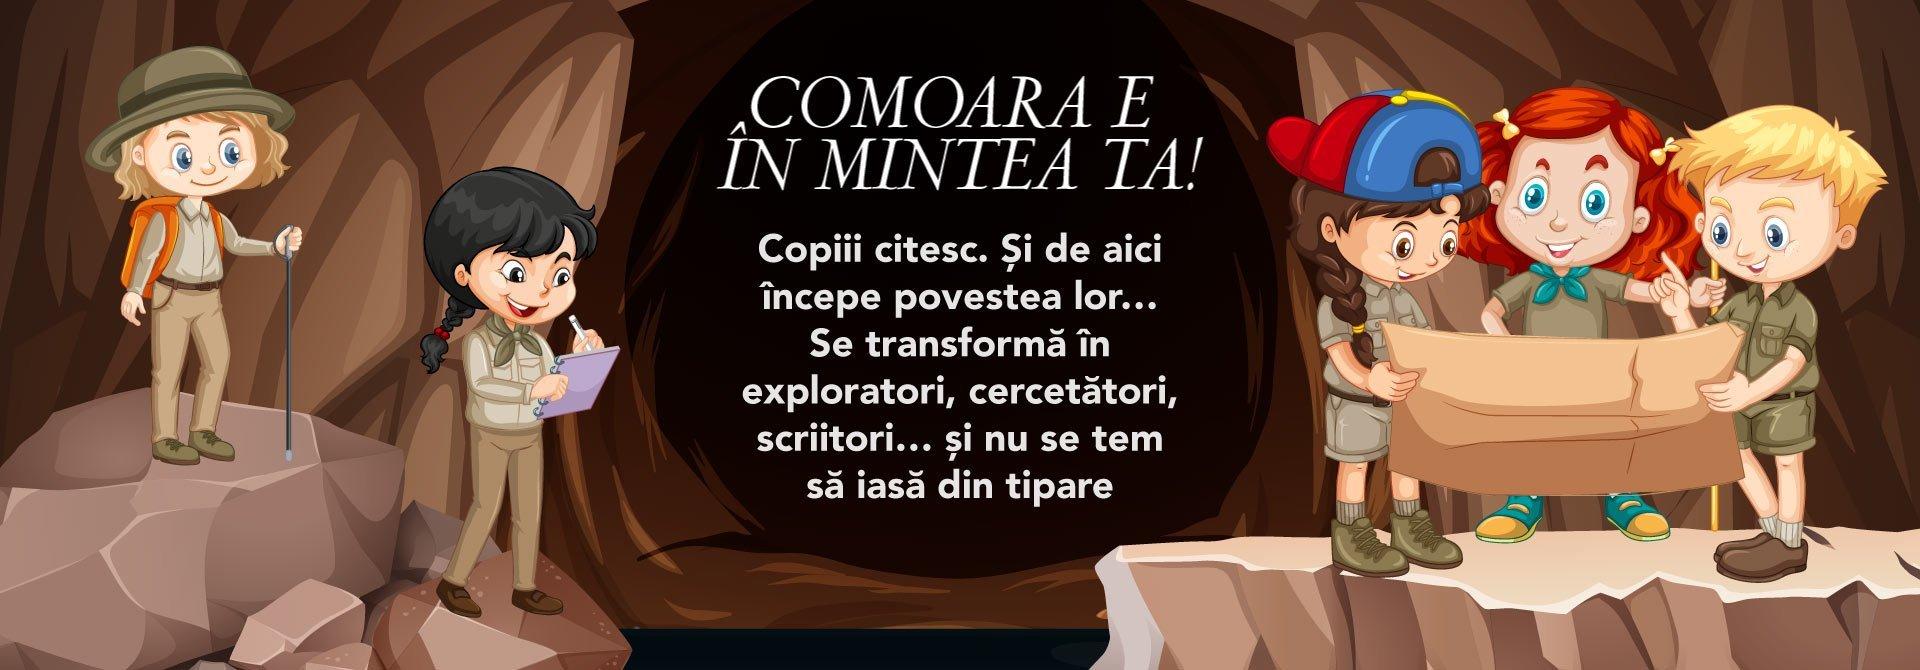 12.05_banner-comoara-e-in-mintea-ta